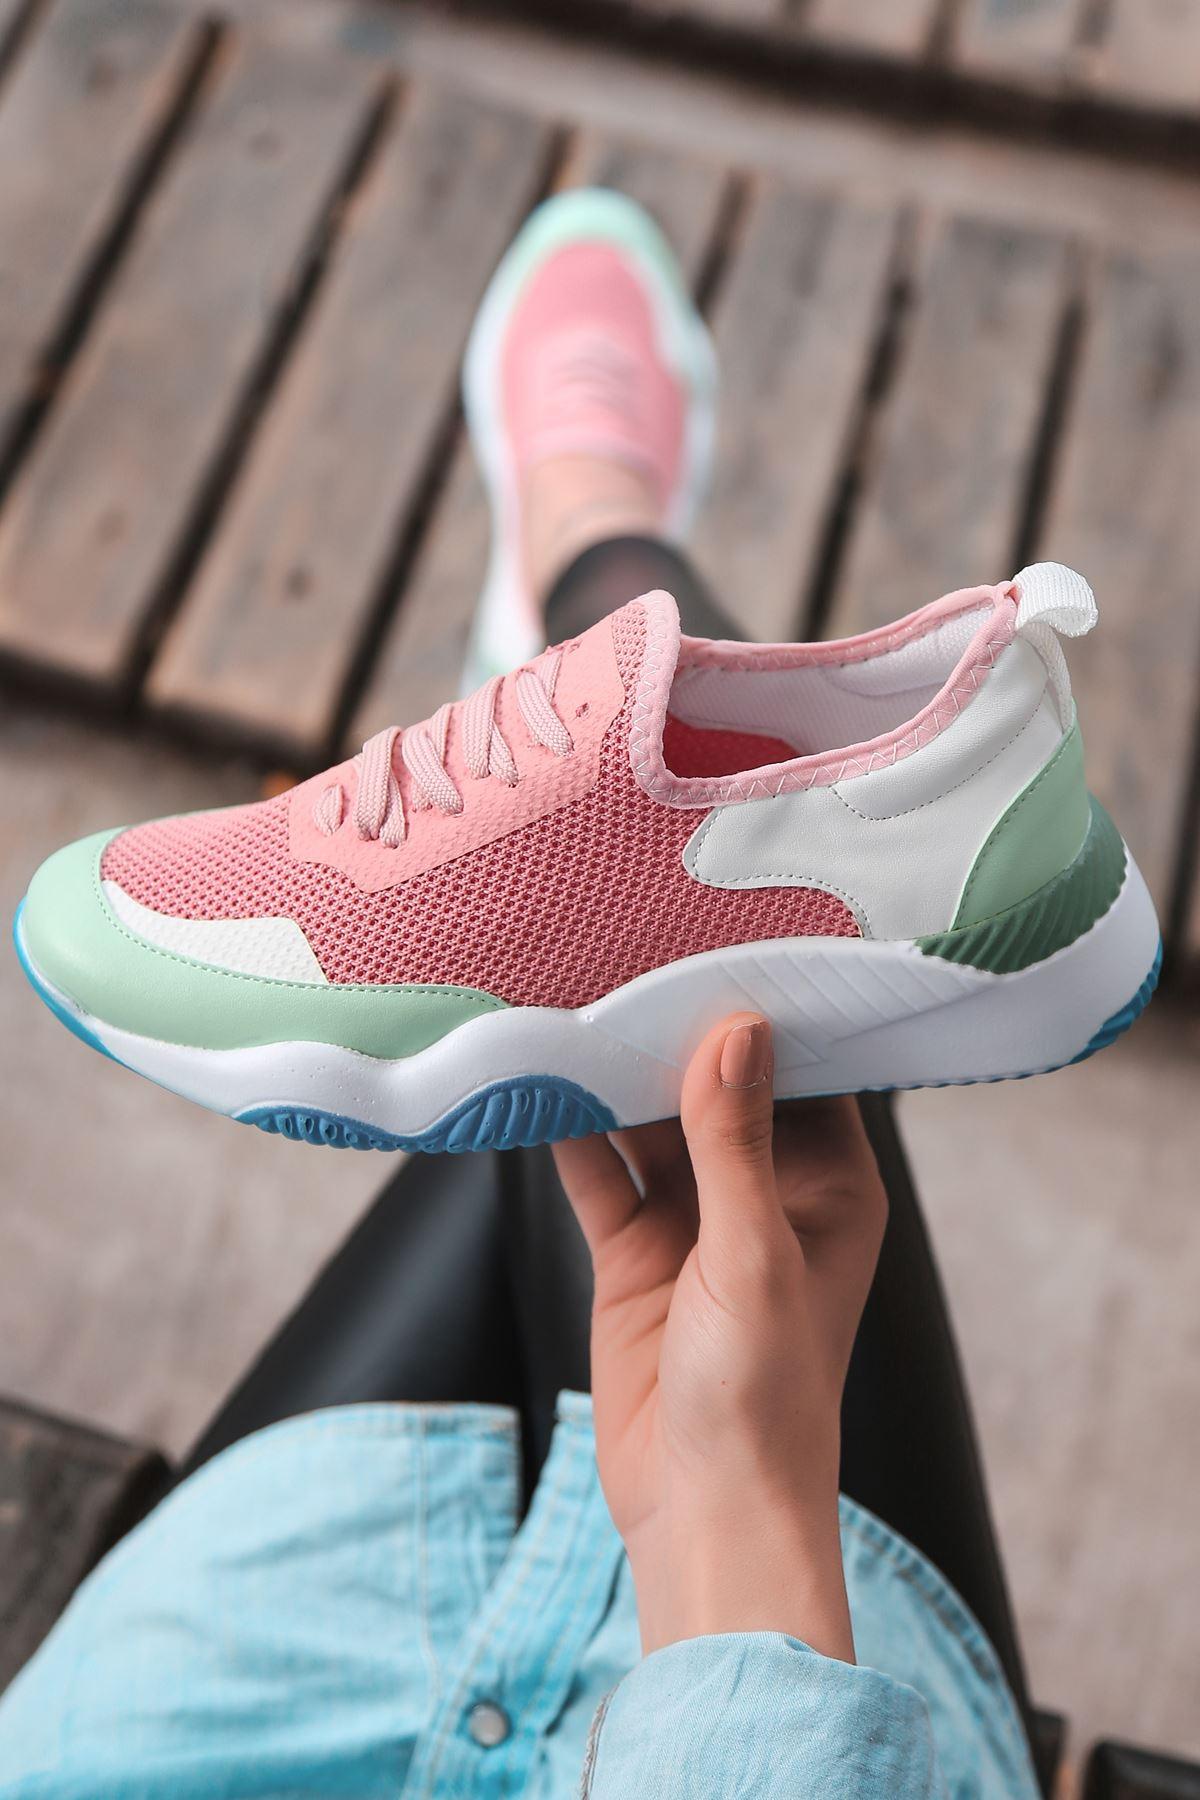 Rovina Beyaz Yeşil Parçalı Bağcık Detaylı Pembe Kadın Spor Ayakkabı